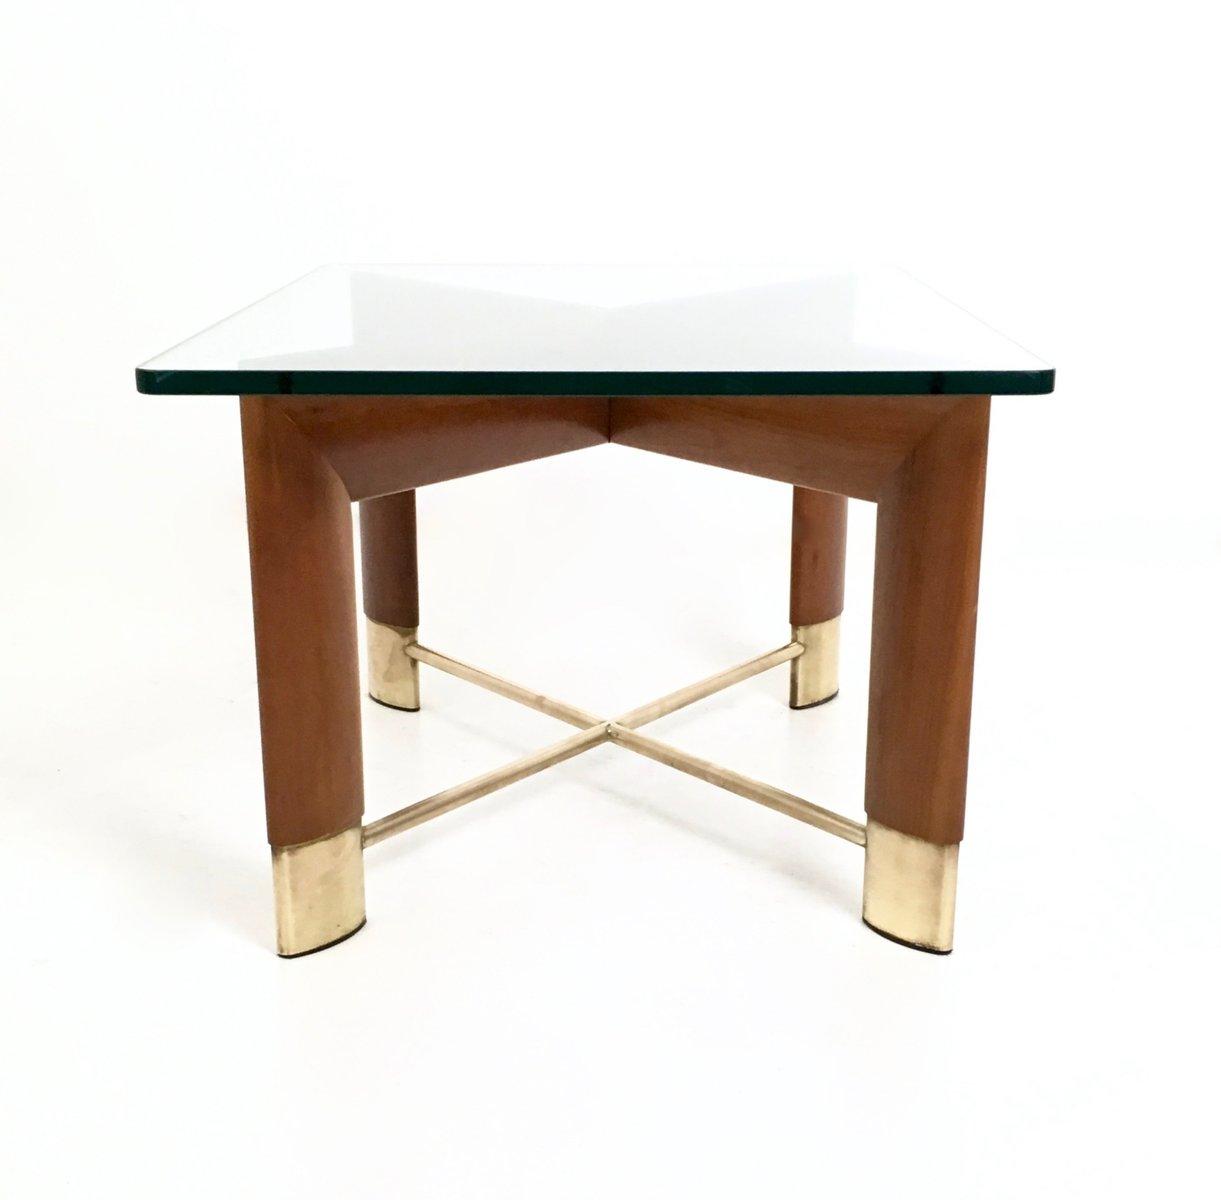 italienischer couchtisch aus nussholz glas 1970er bei. Black Bedroom Furniture Sets. Home Design Ideas